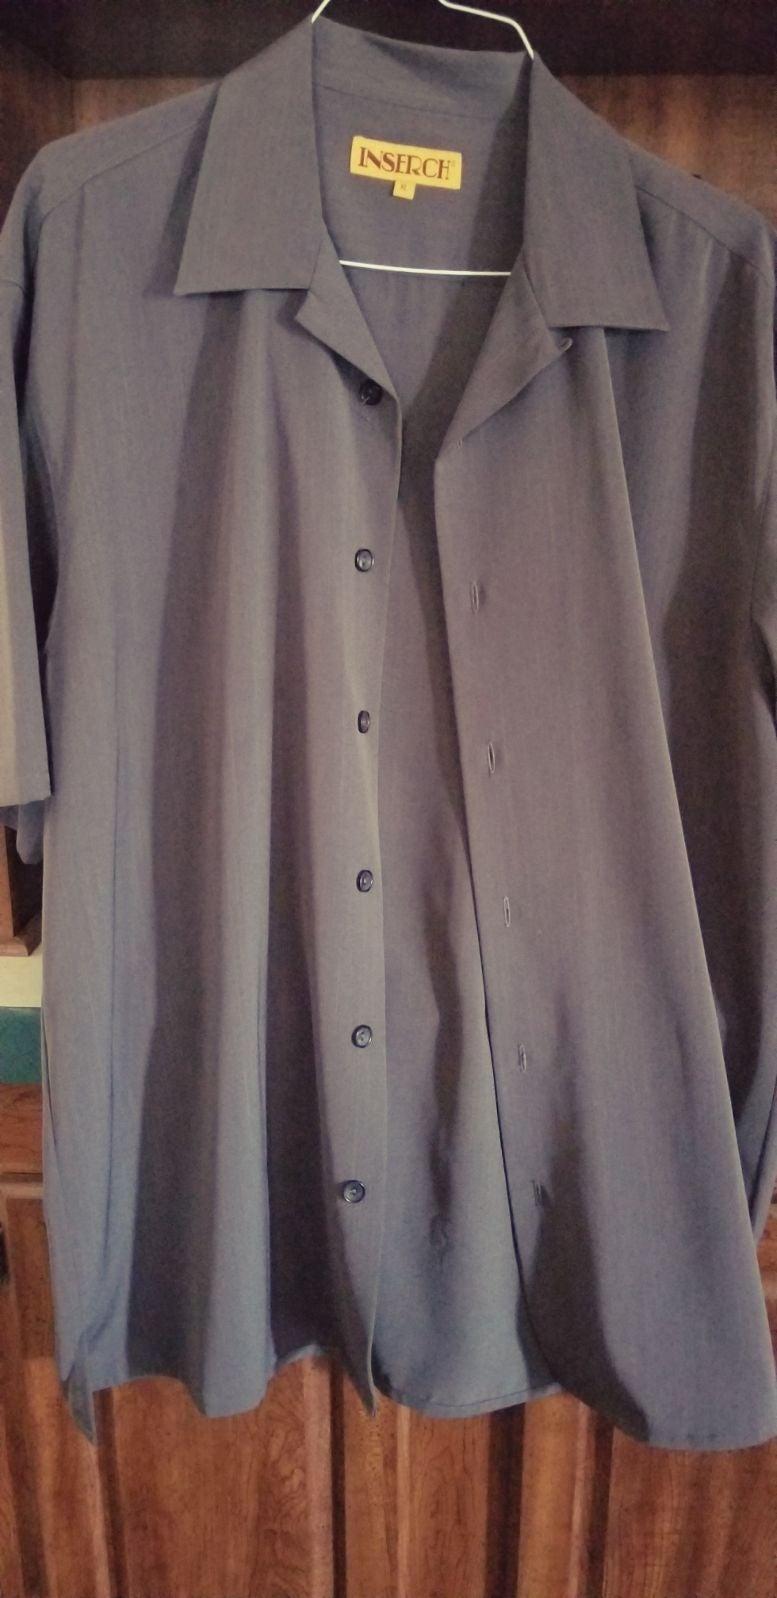 Inserch Dress Shirt men XL